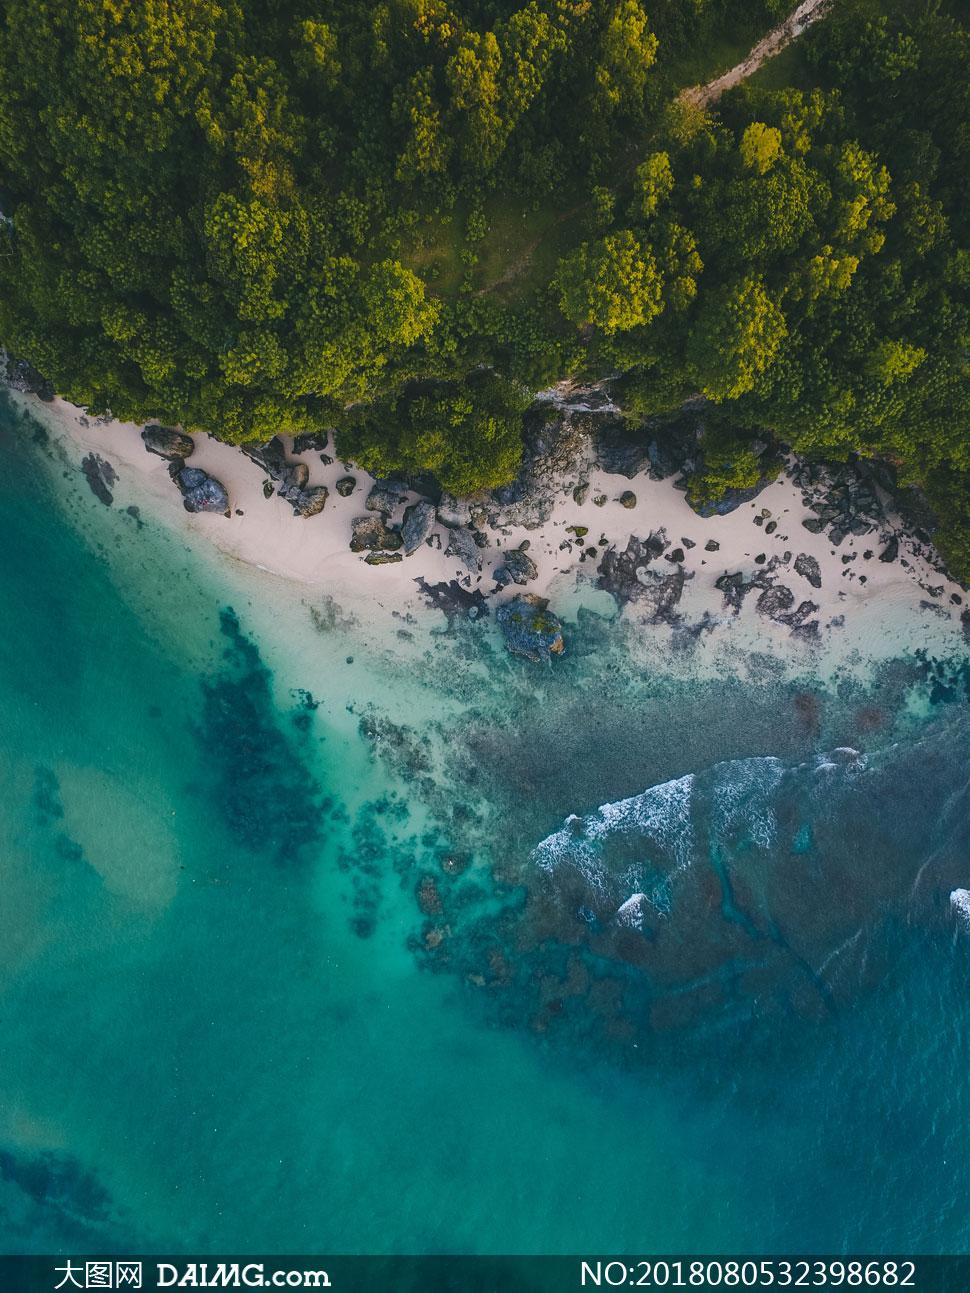 高清摄影大图图片素材自然风景风光树木树林茂密茂盛鸟瞰俯瞰岛屿海水